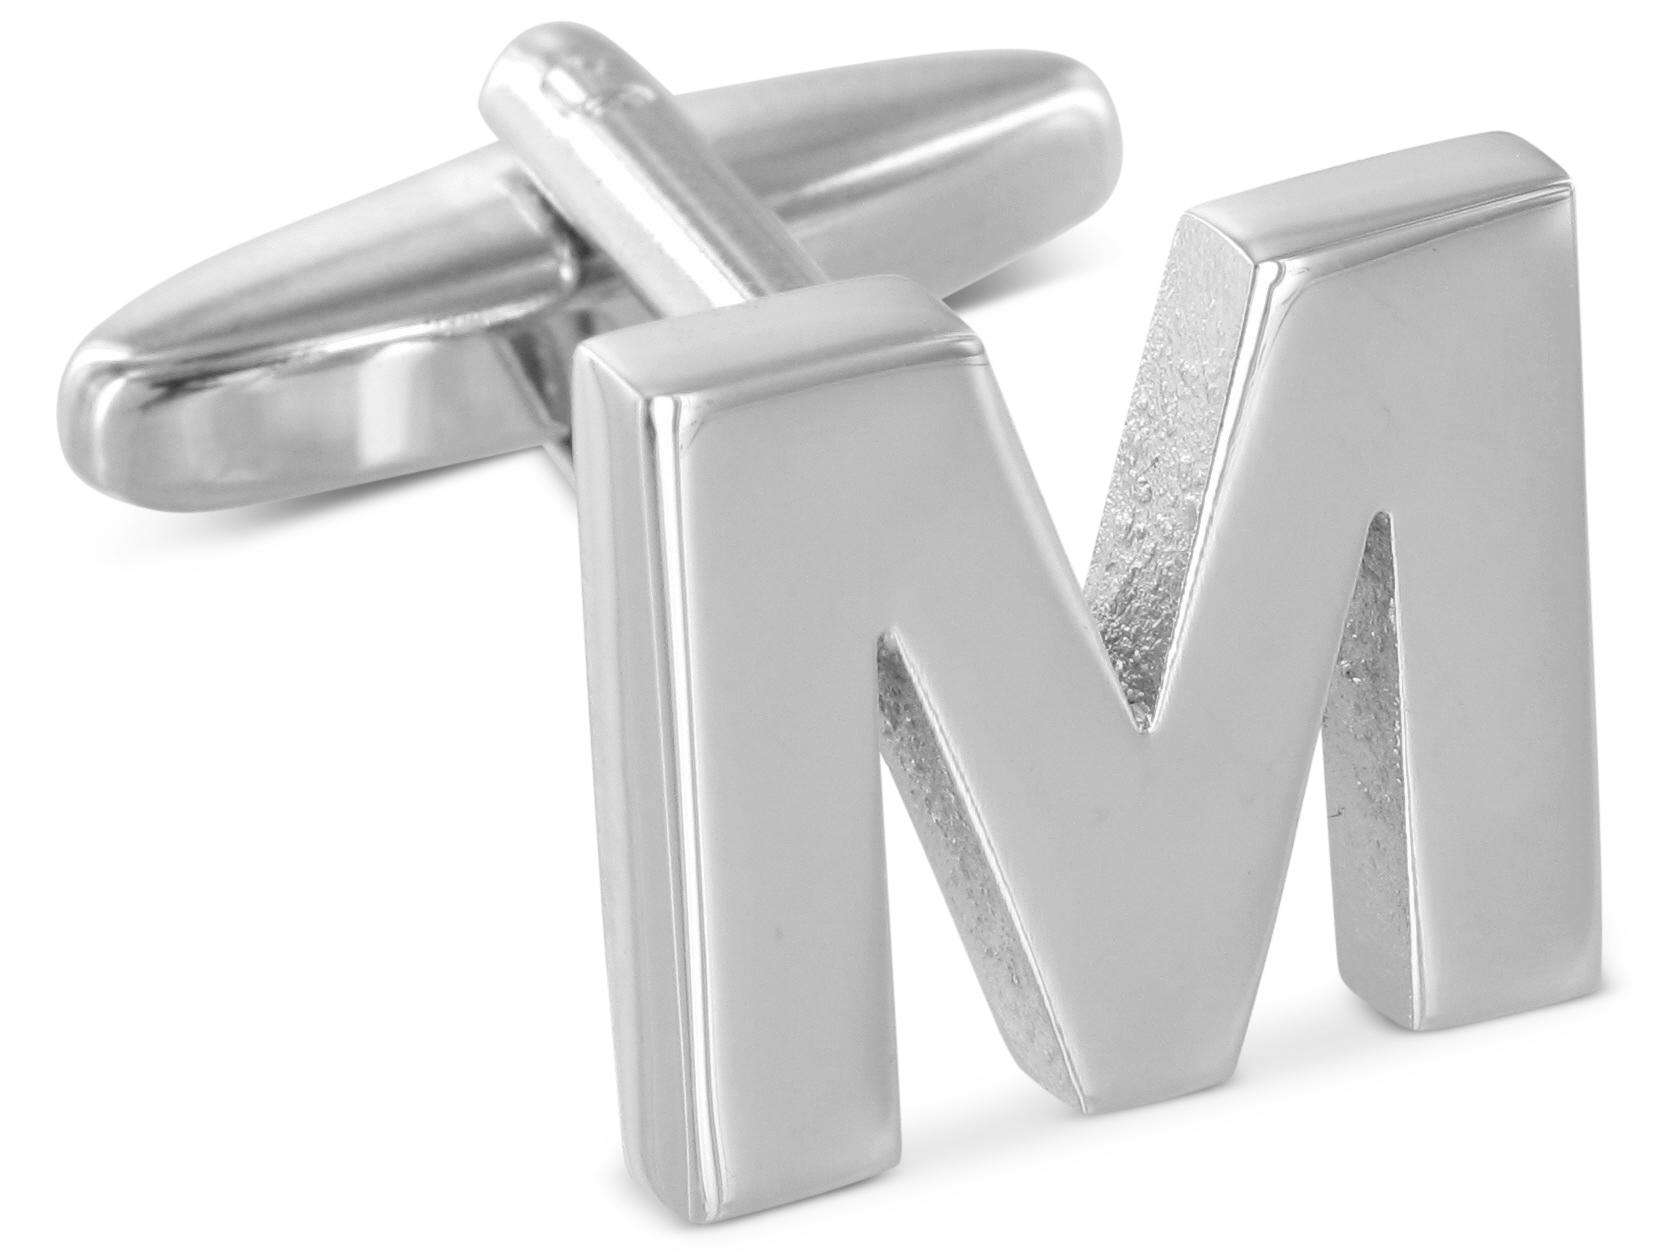 """TEROON Manschettenknopf Buchstabe Initiale """"M"""" [EIN Knopf - KEIN PAAR]"""